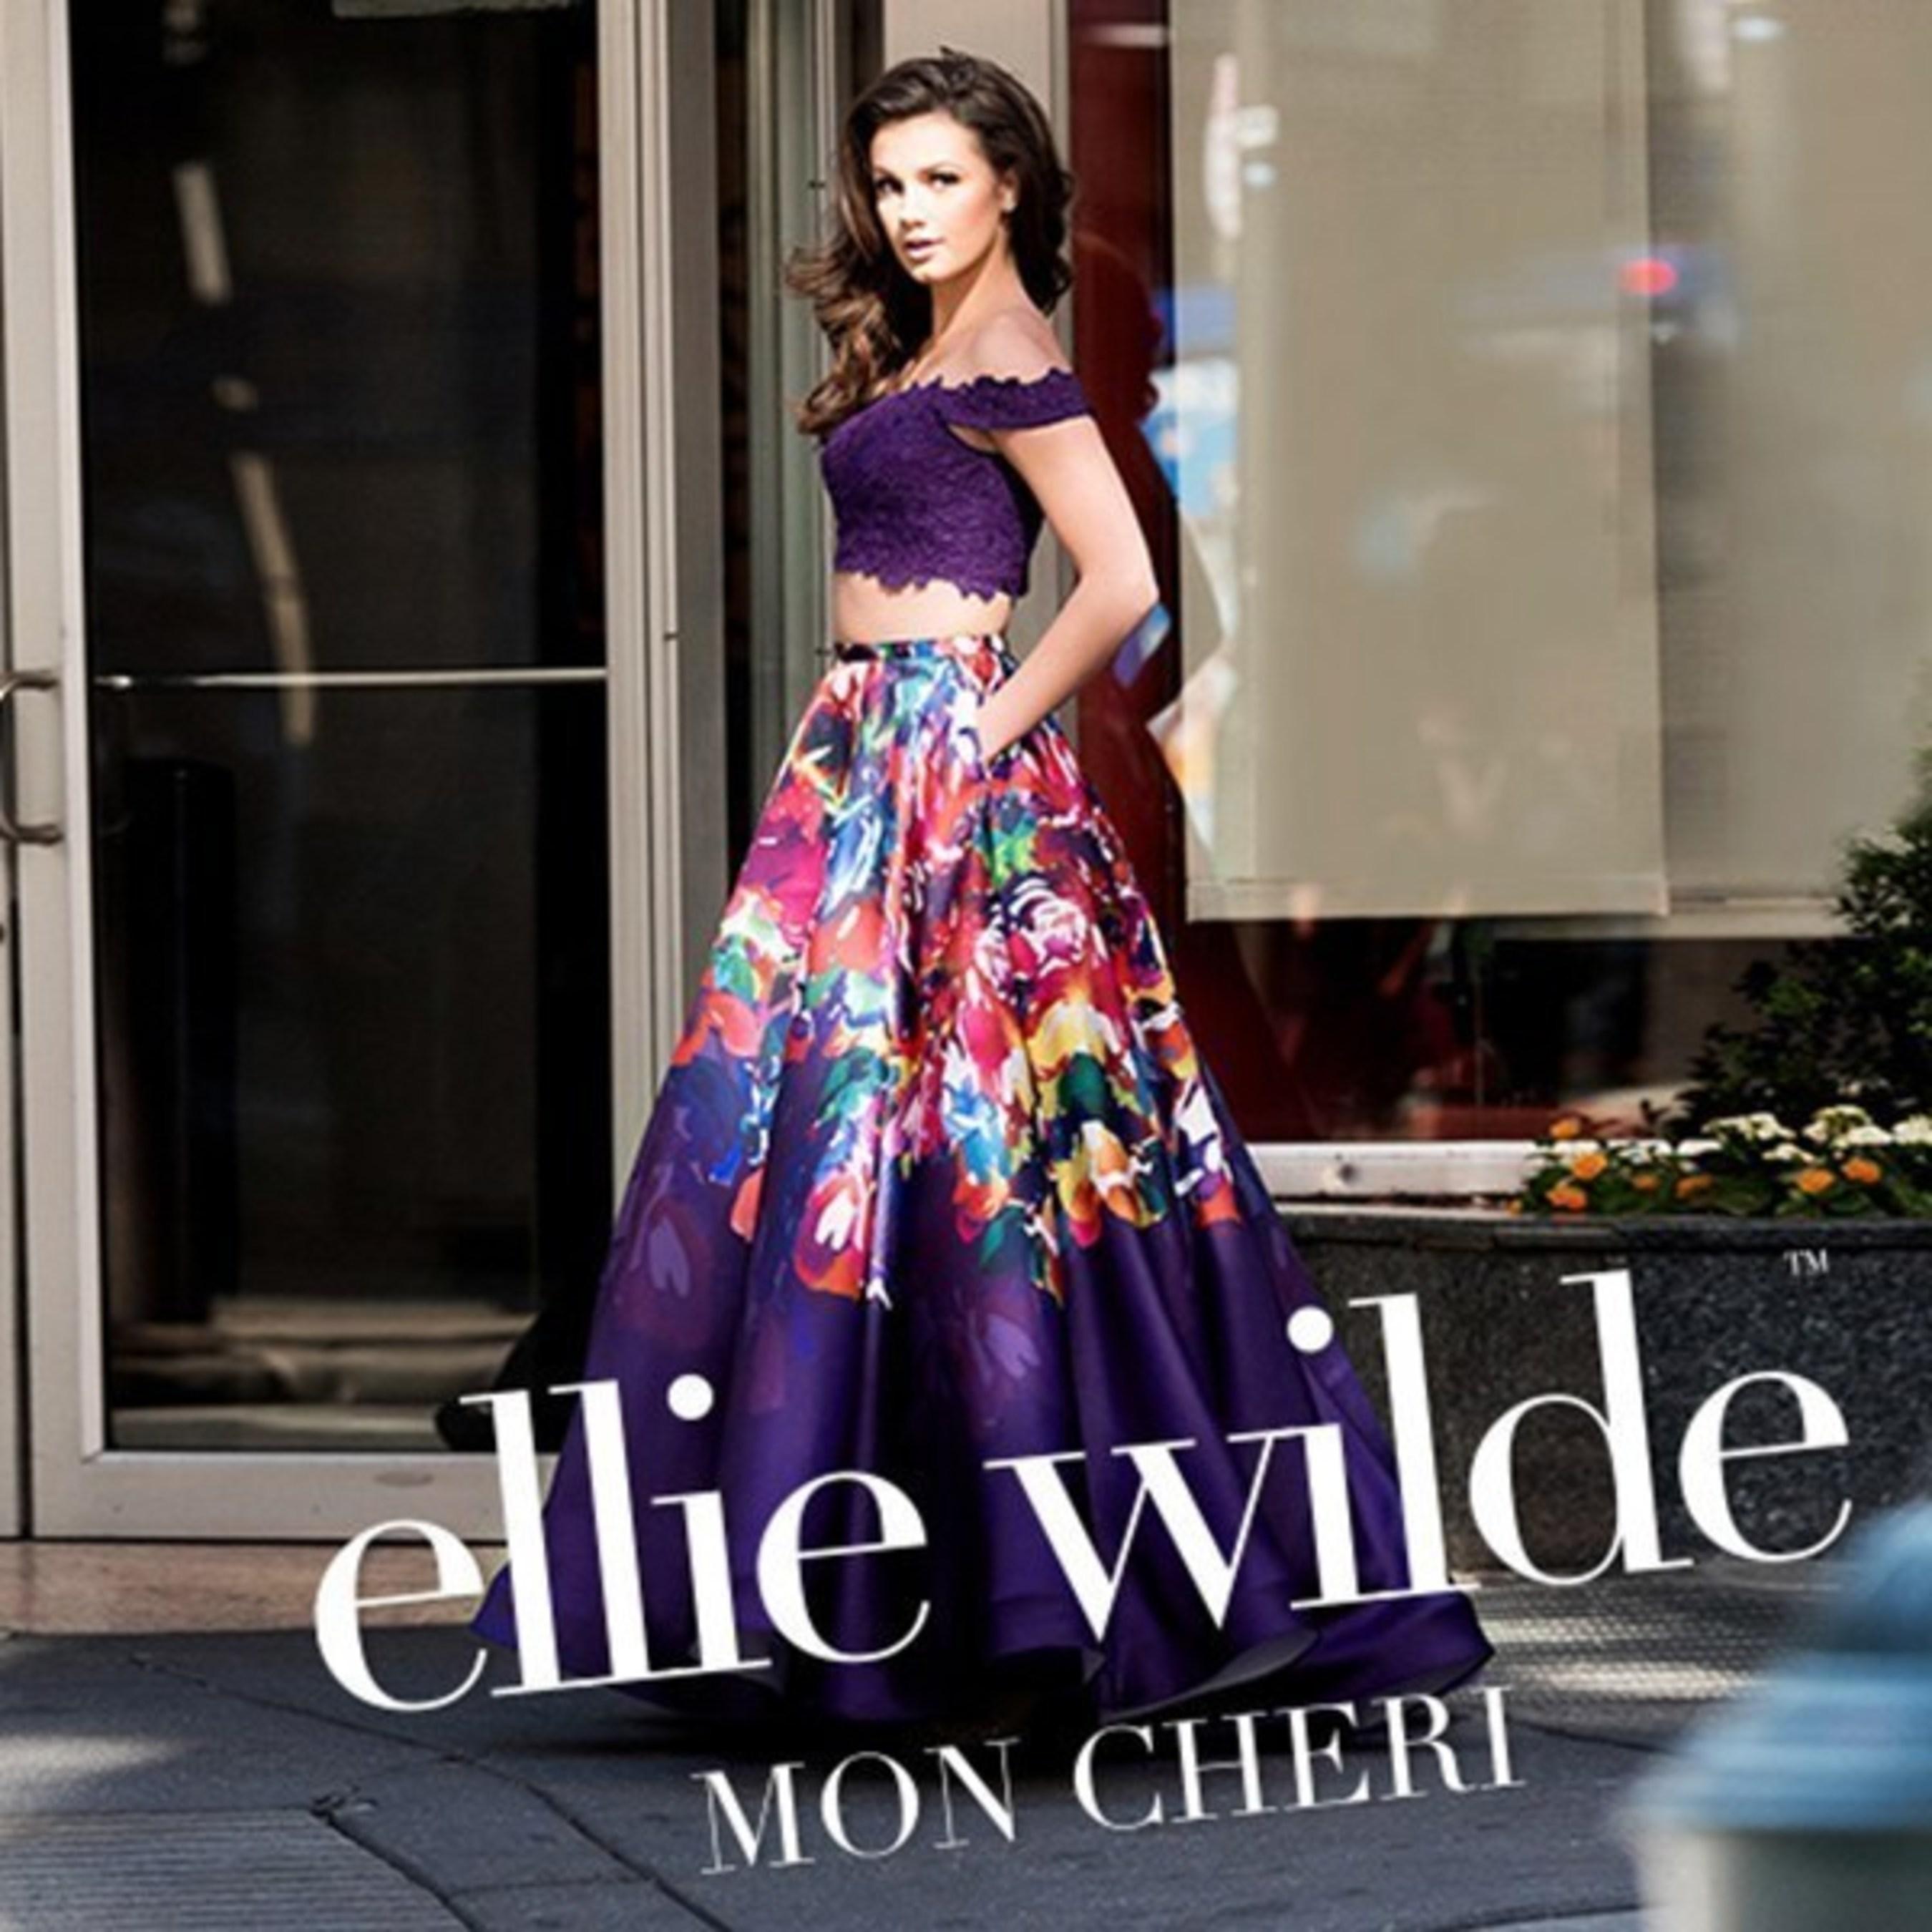 d202ed4d200 Mon Cheri Launches Ellie Wilde for Mon Cheri Prom Dress Line